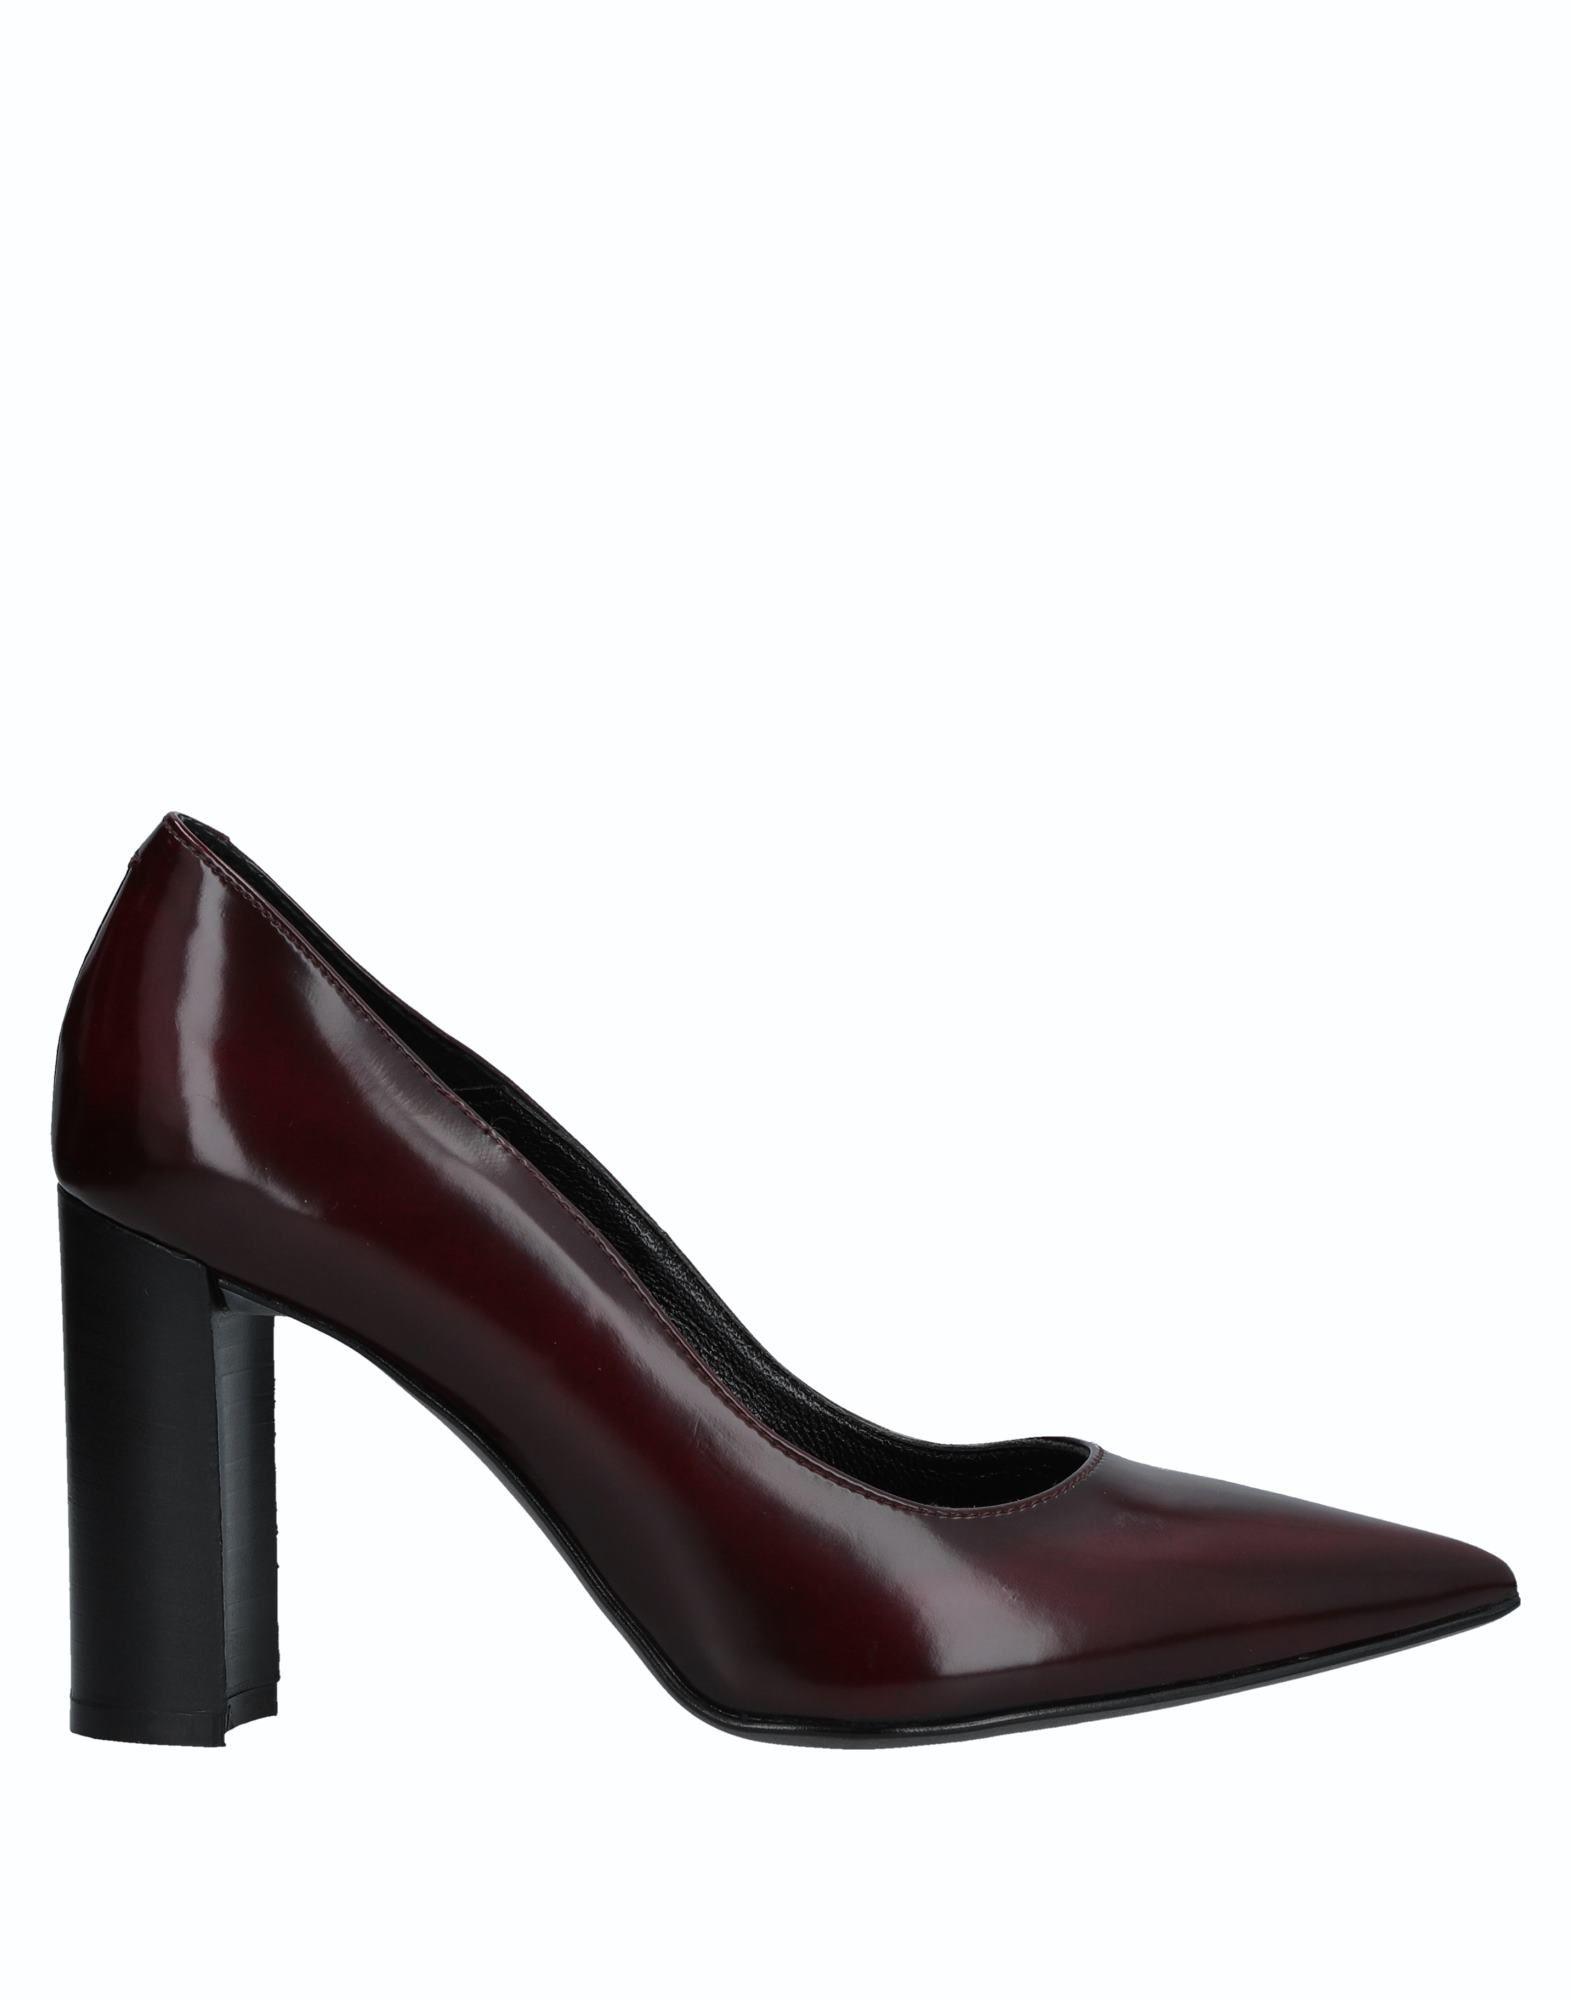 Lorenzo Mari Pumps Damen  11524859RW Gute Qualität beliebte Schuhe